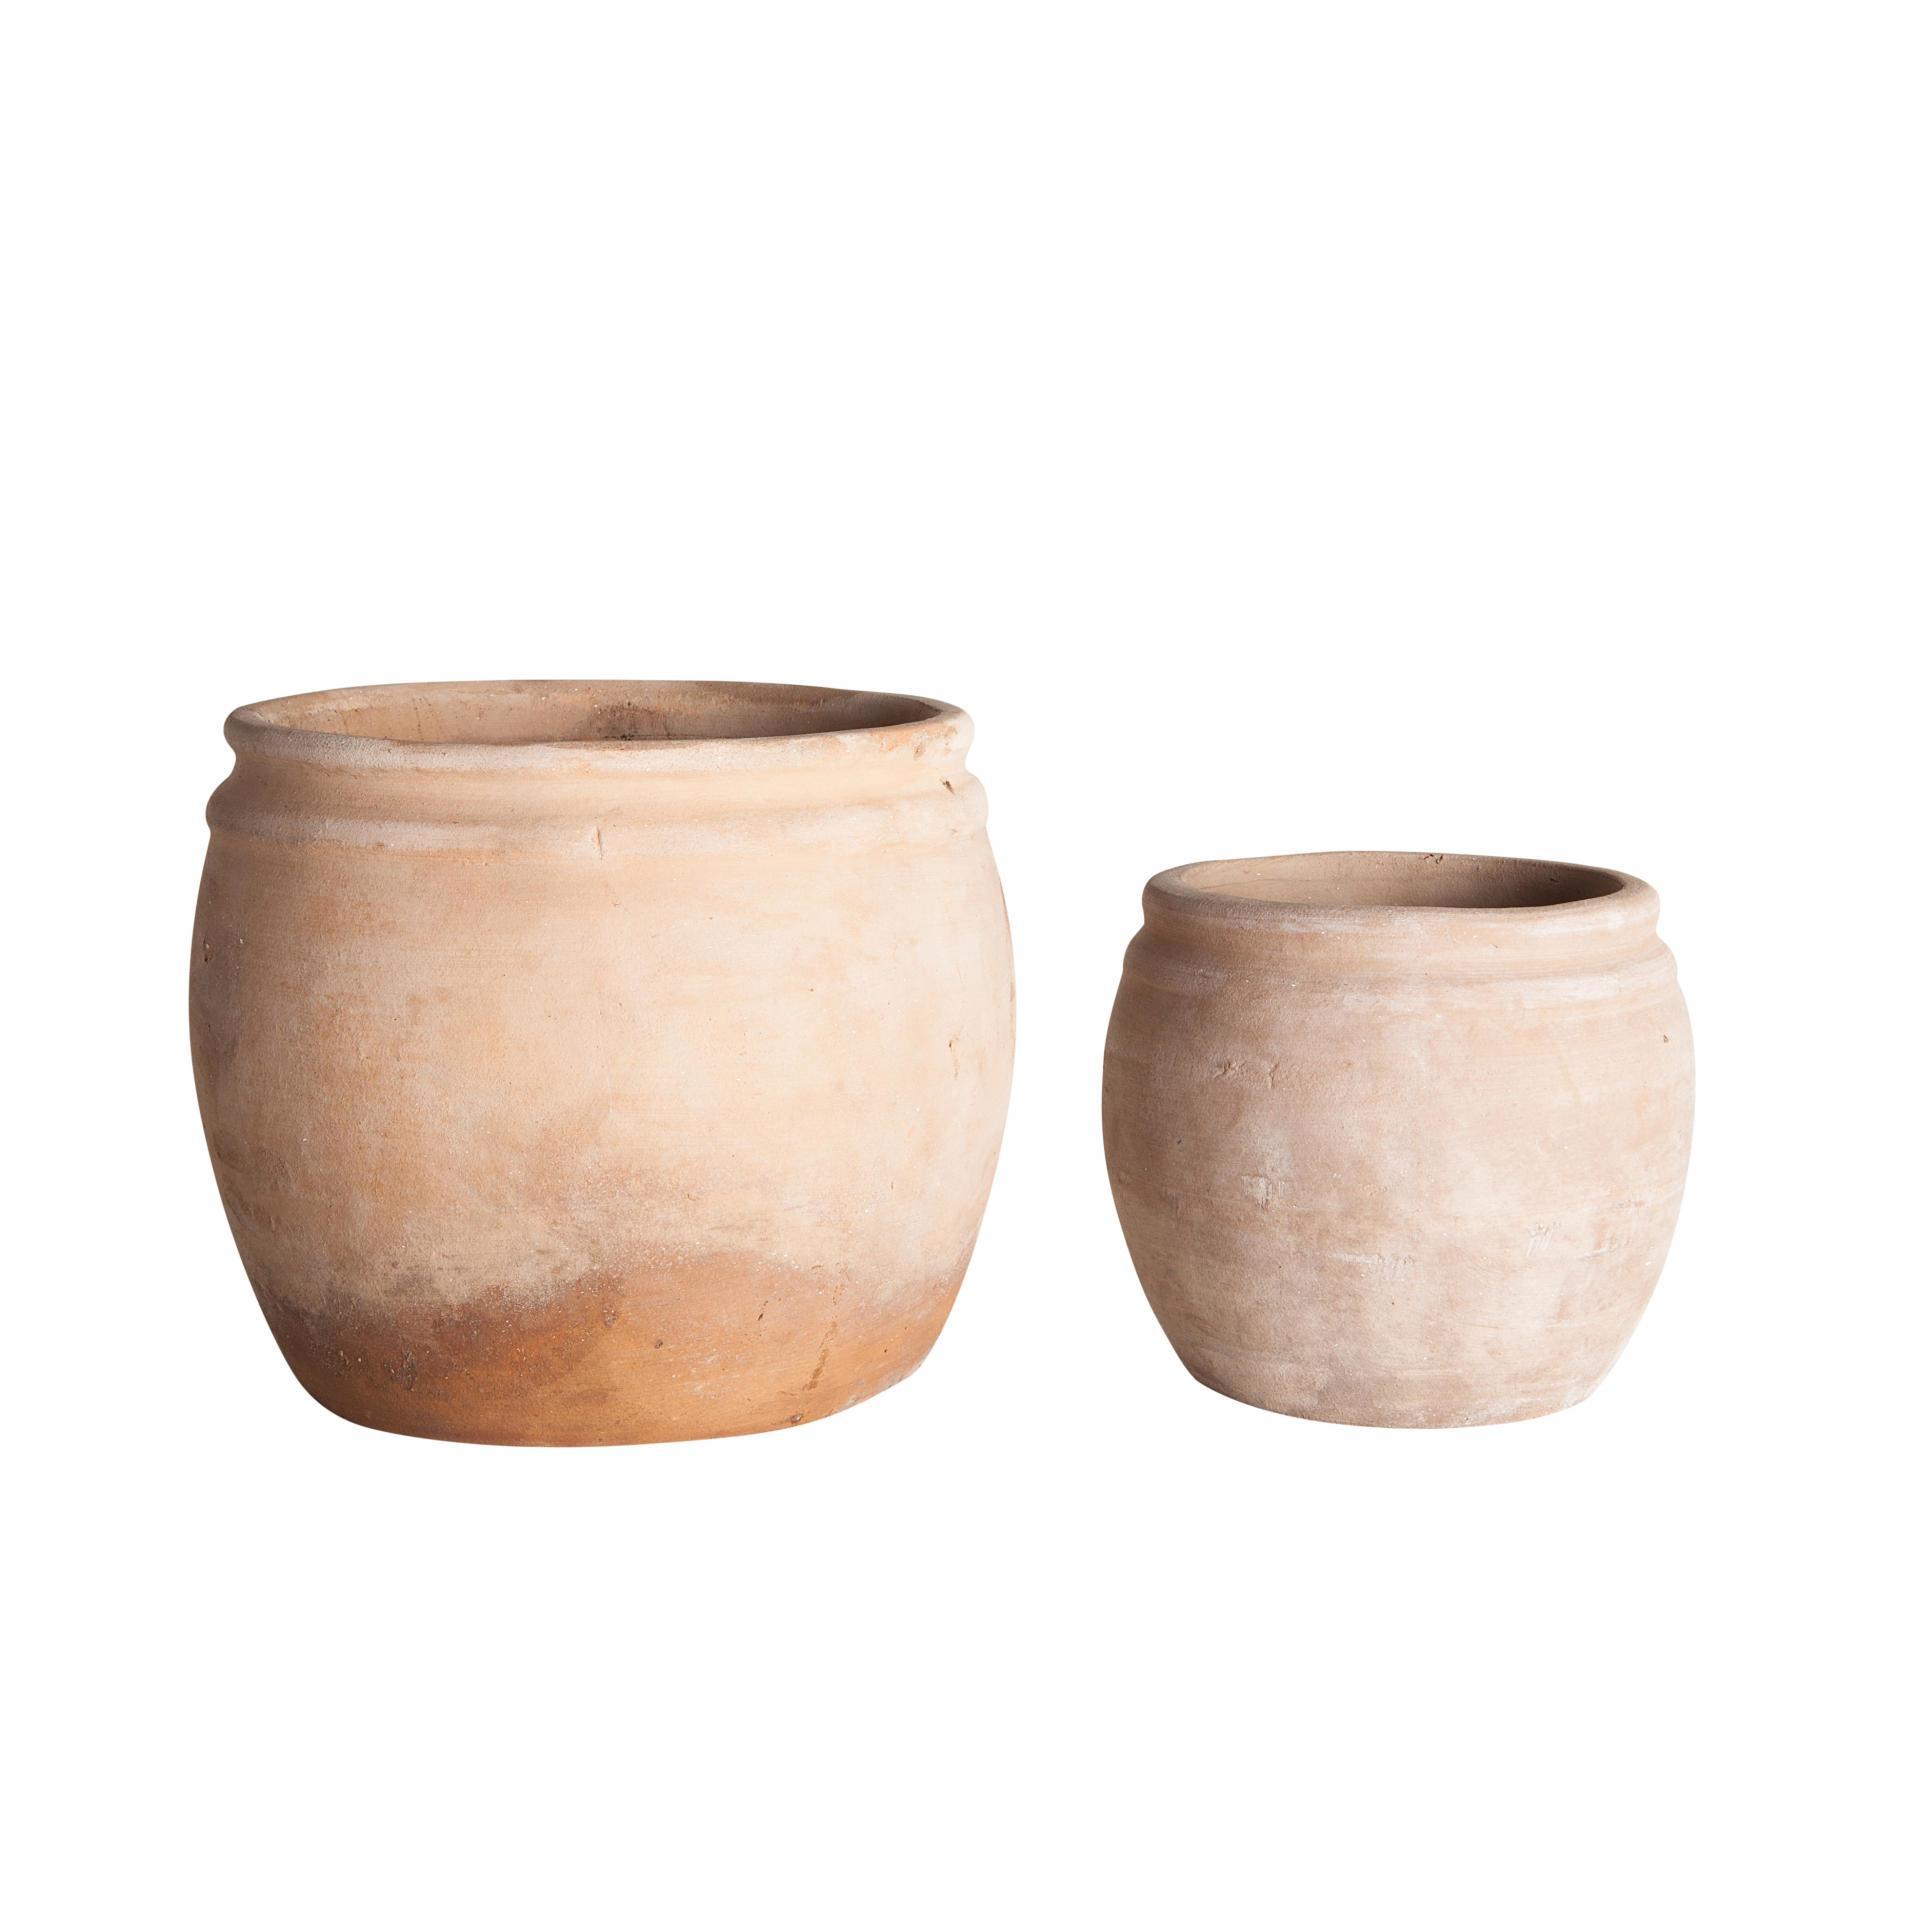 Tine K Home Hliněný květník Vietnam Menší, oranžová barva, keramika